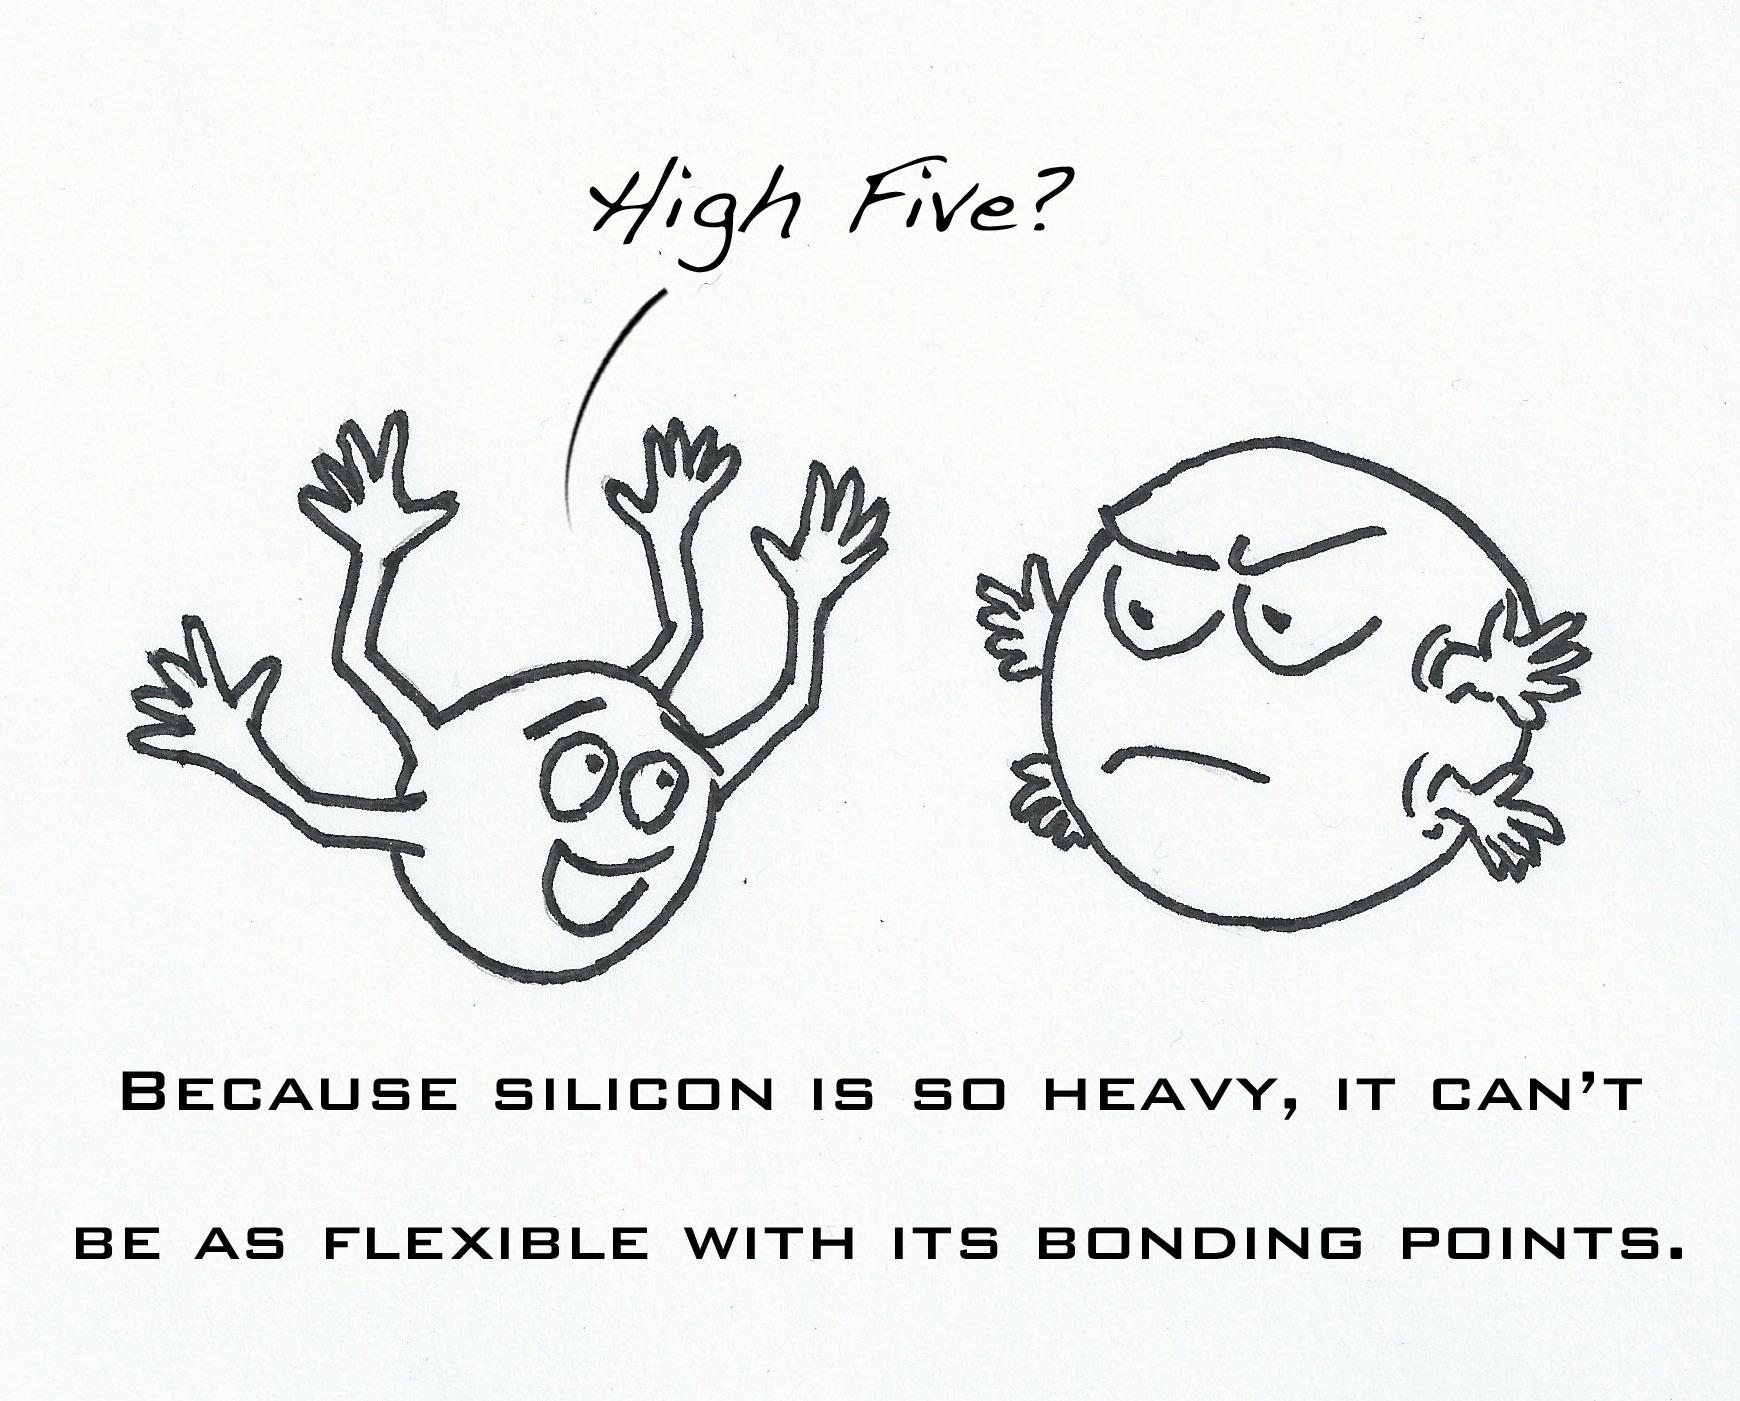 Carbon Vs Silicon